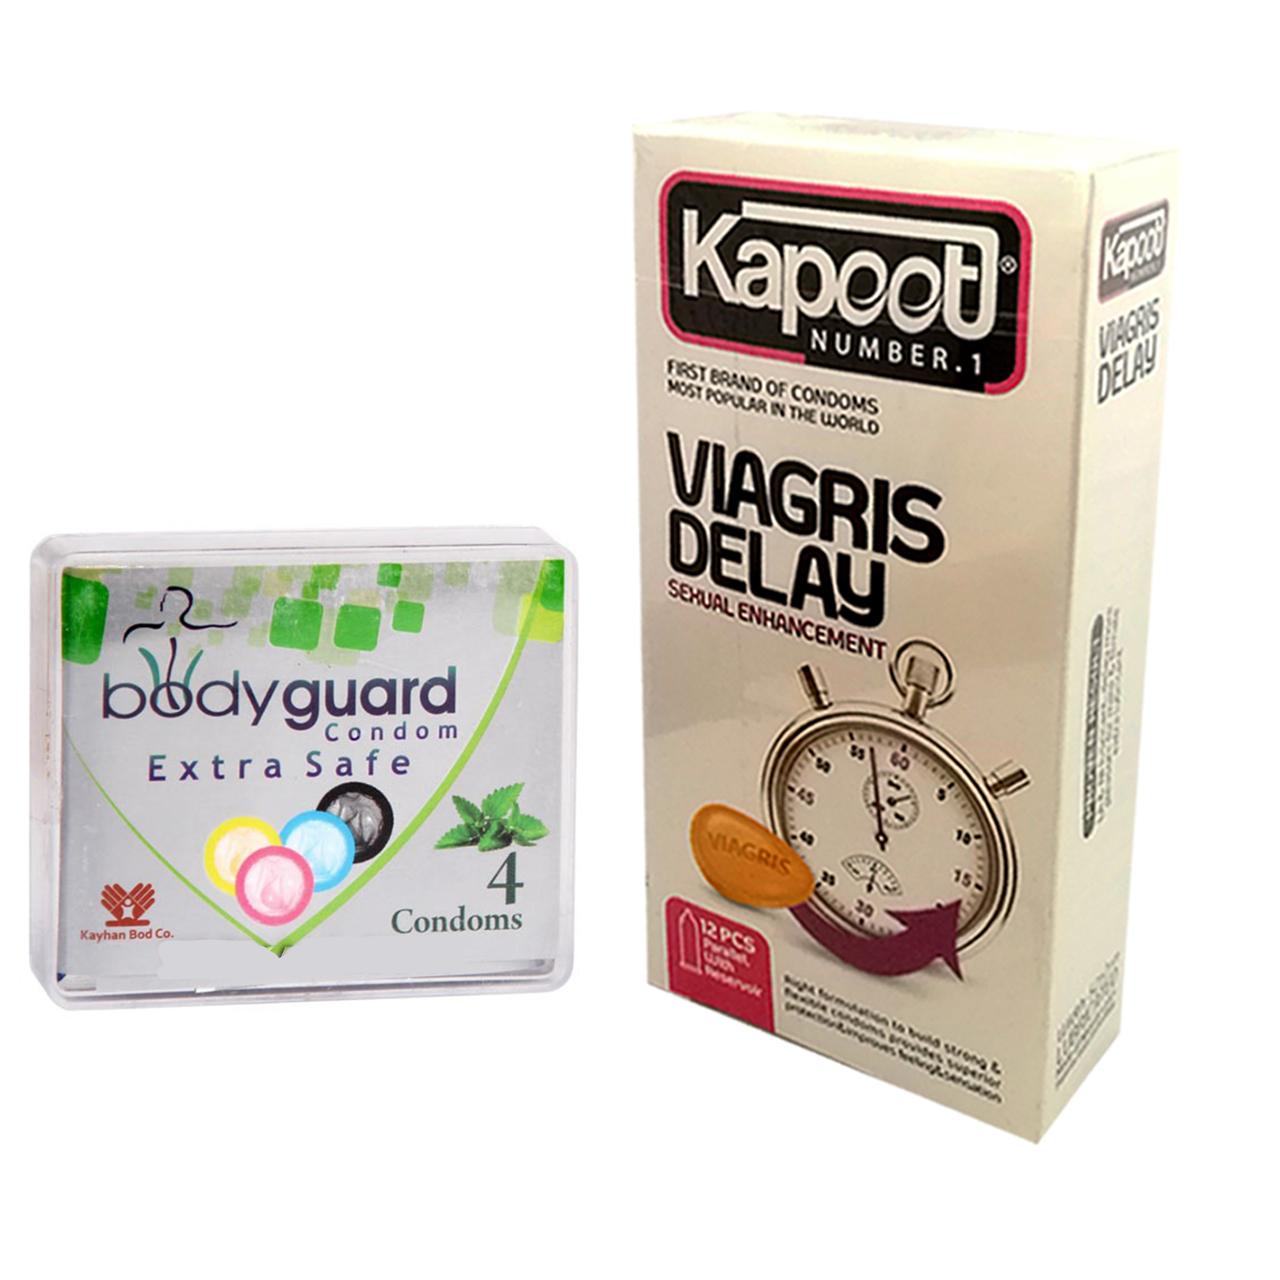 قیمت کاندوم کاپوت مدل Viagris Delay بسته 12 عددی به همراه کاندوم بادیگارد مدل Extra Safe بسته 4 عددی